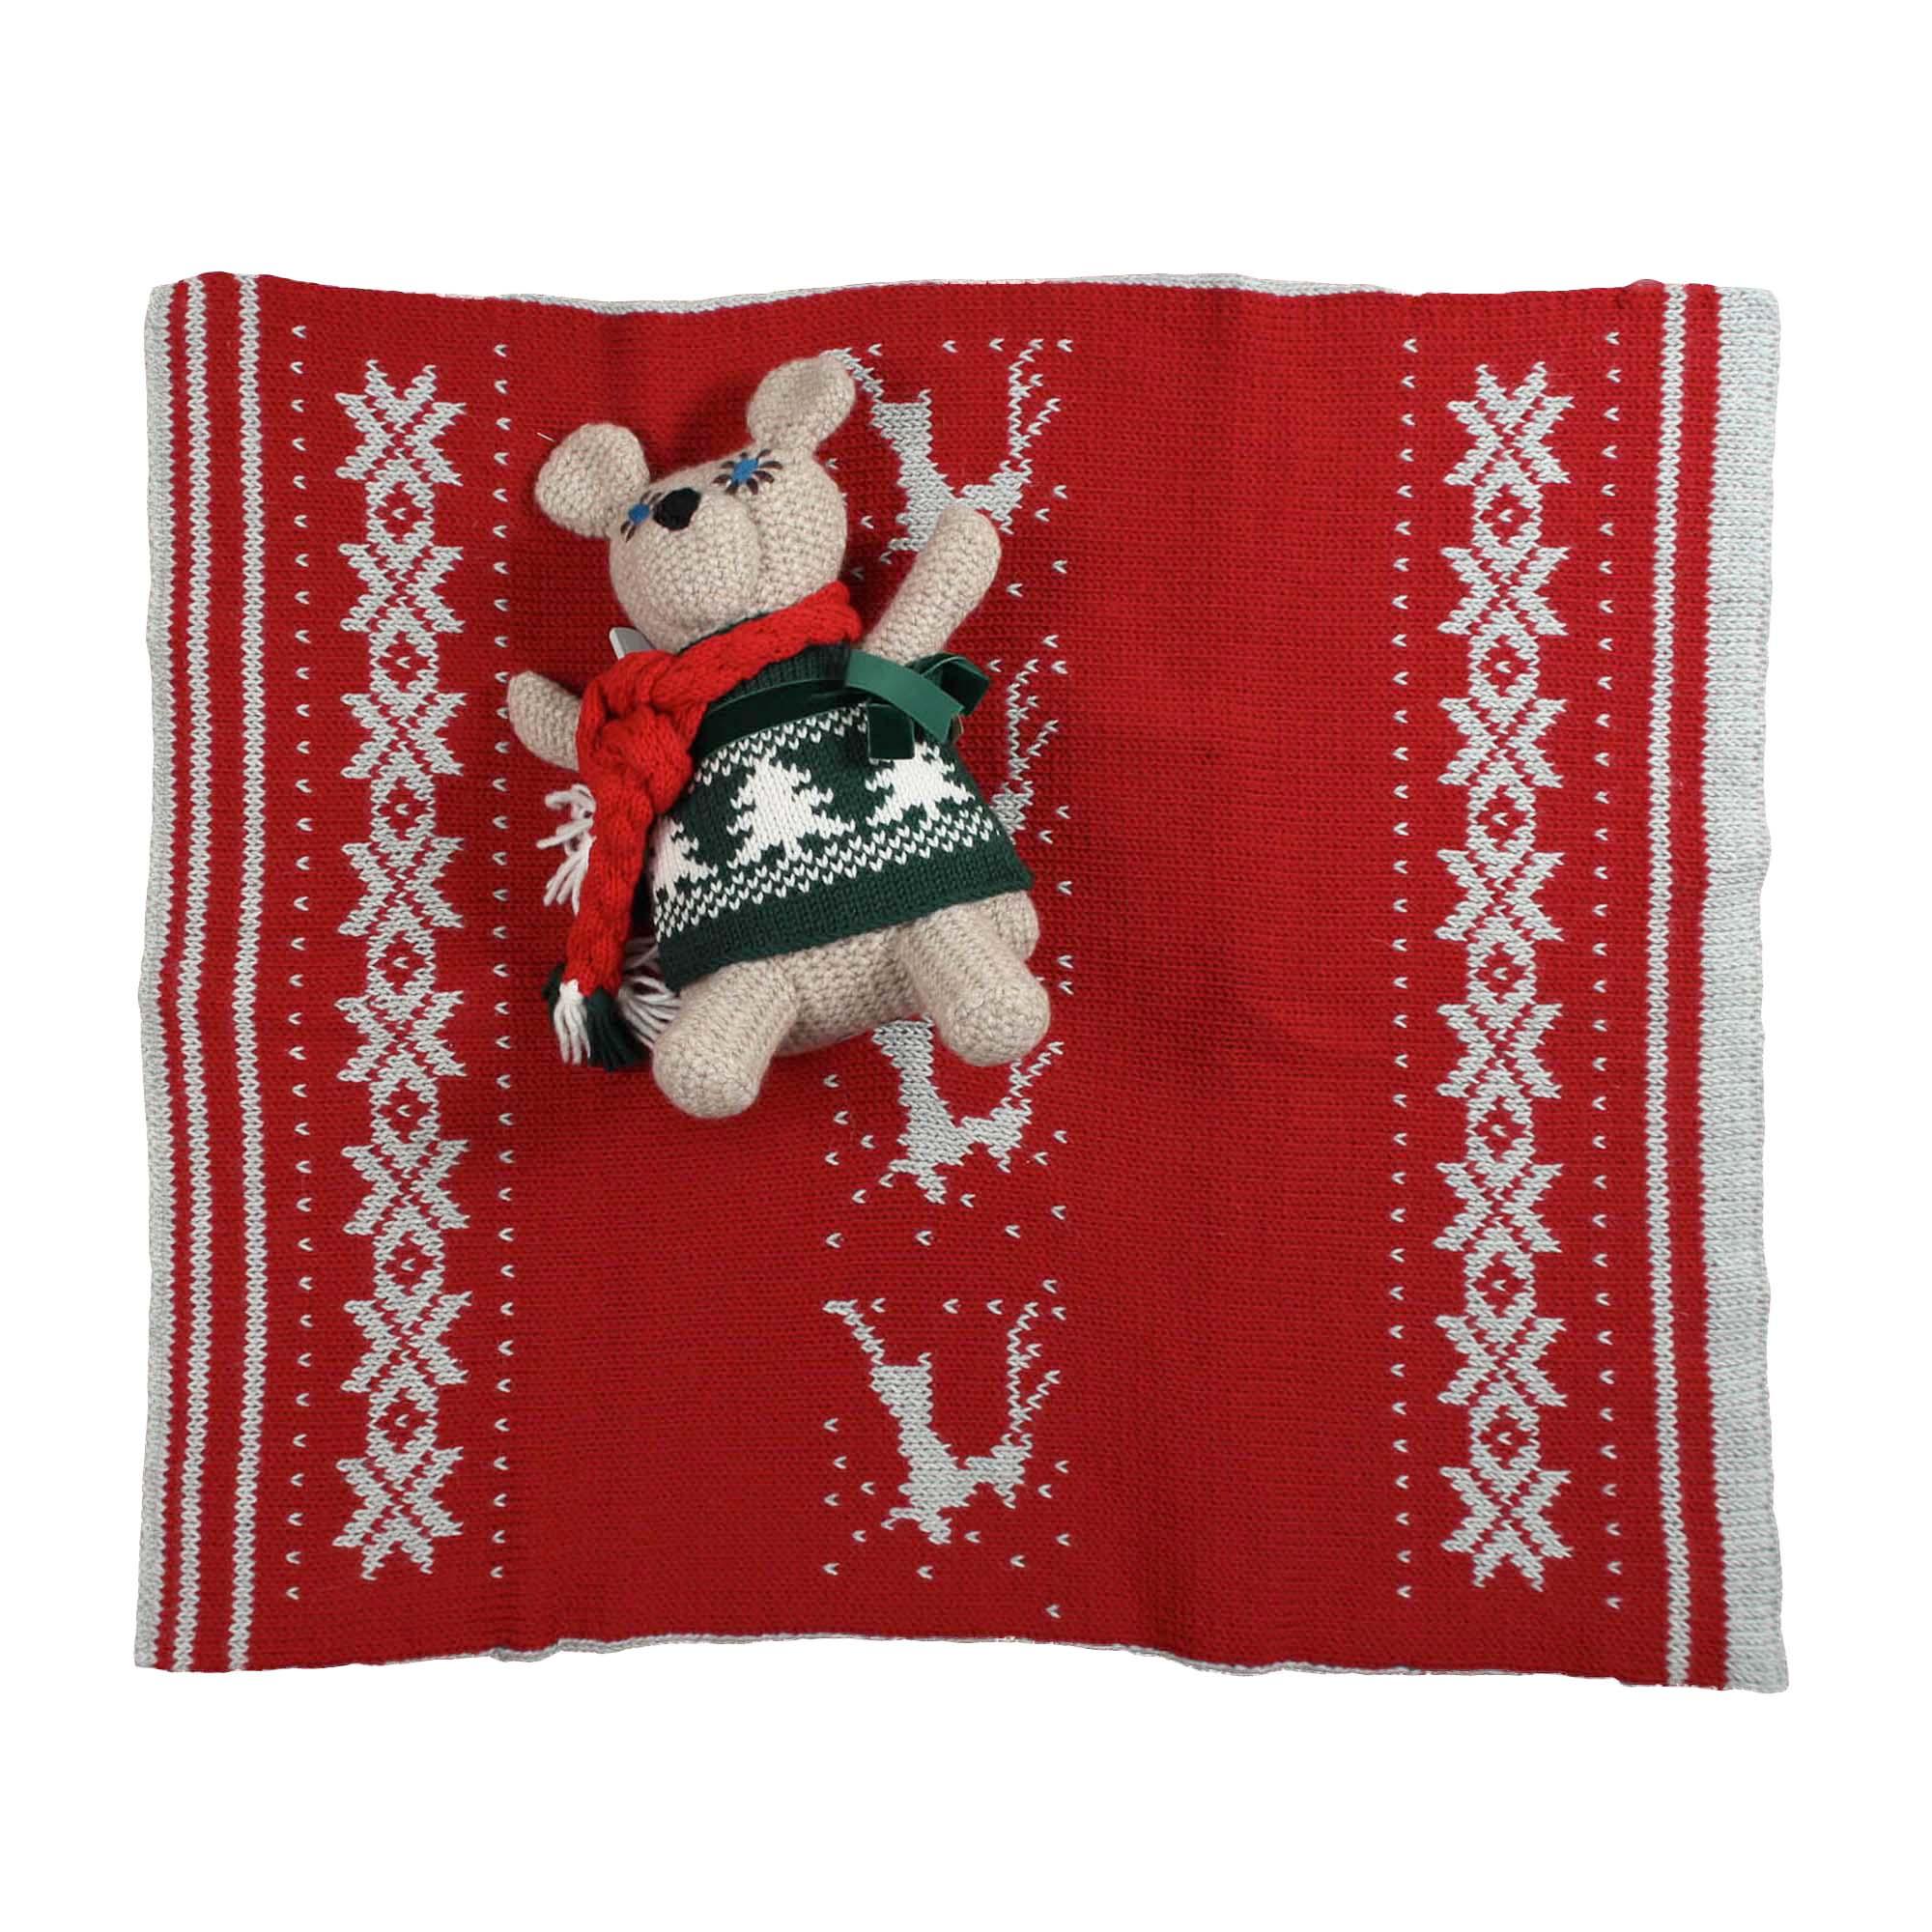 Zoo di lana coperta kraffen in lana ecologica for Piani di coperta online